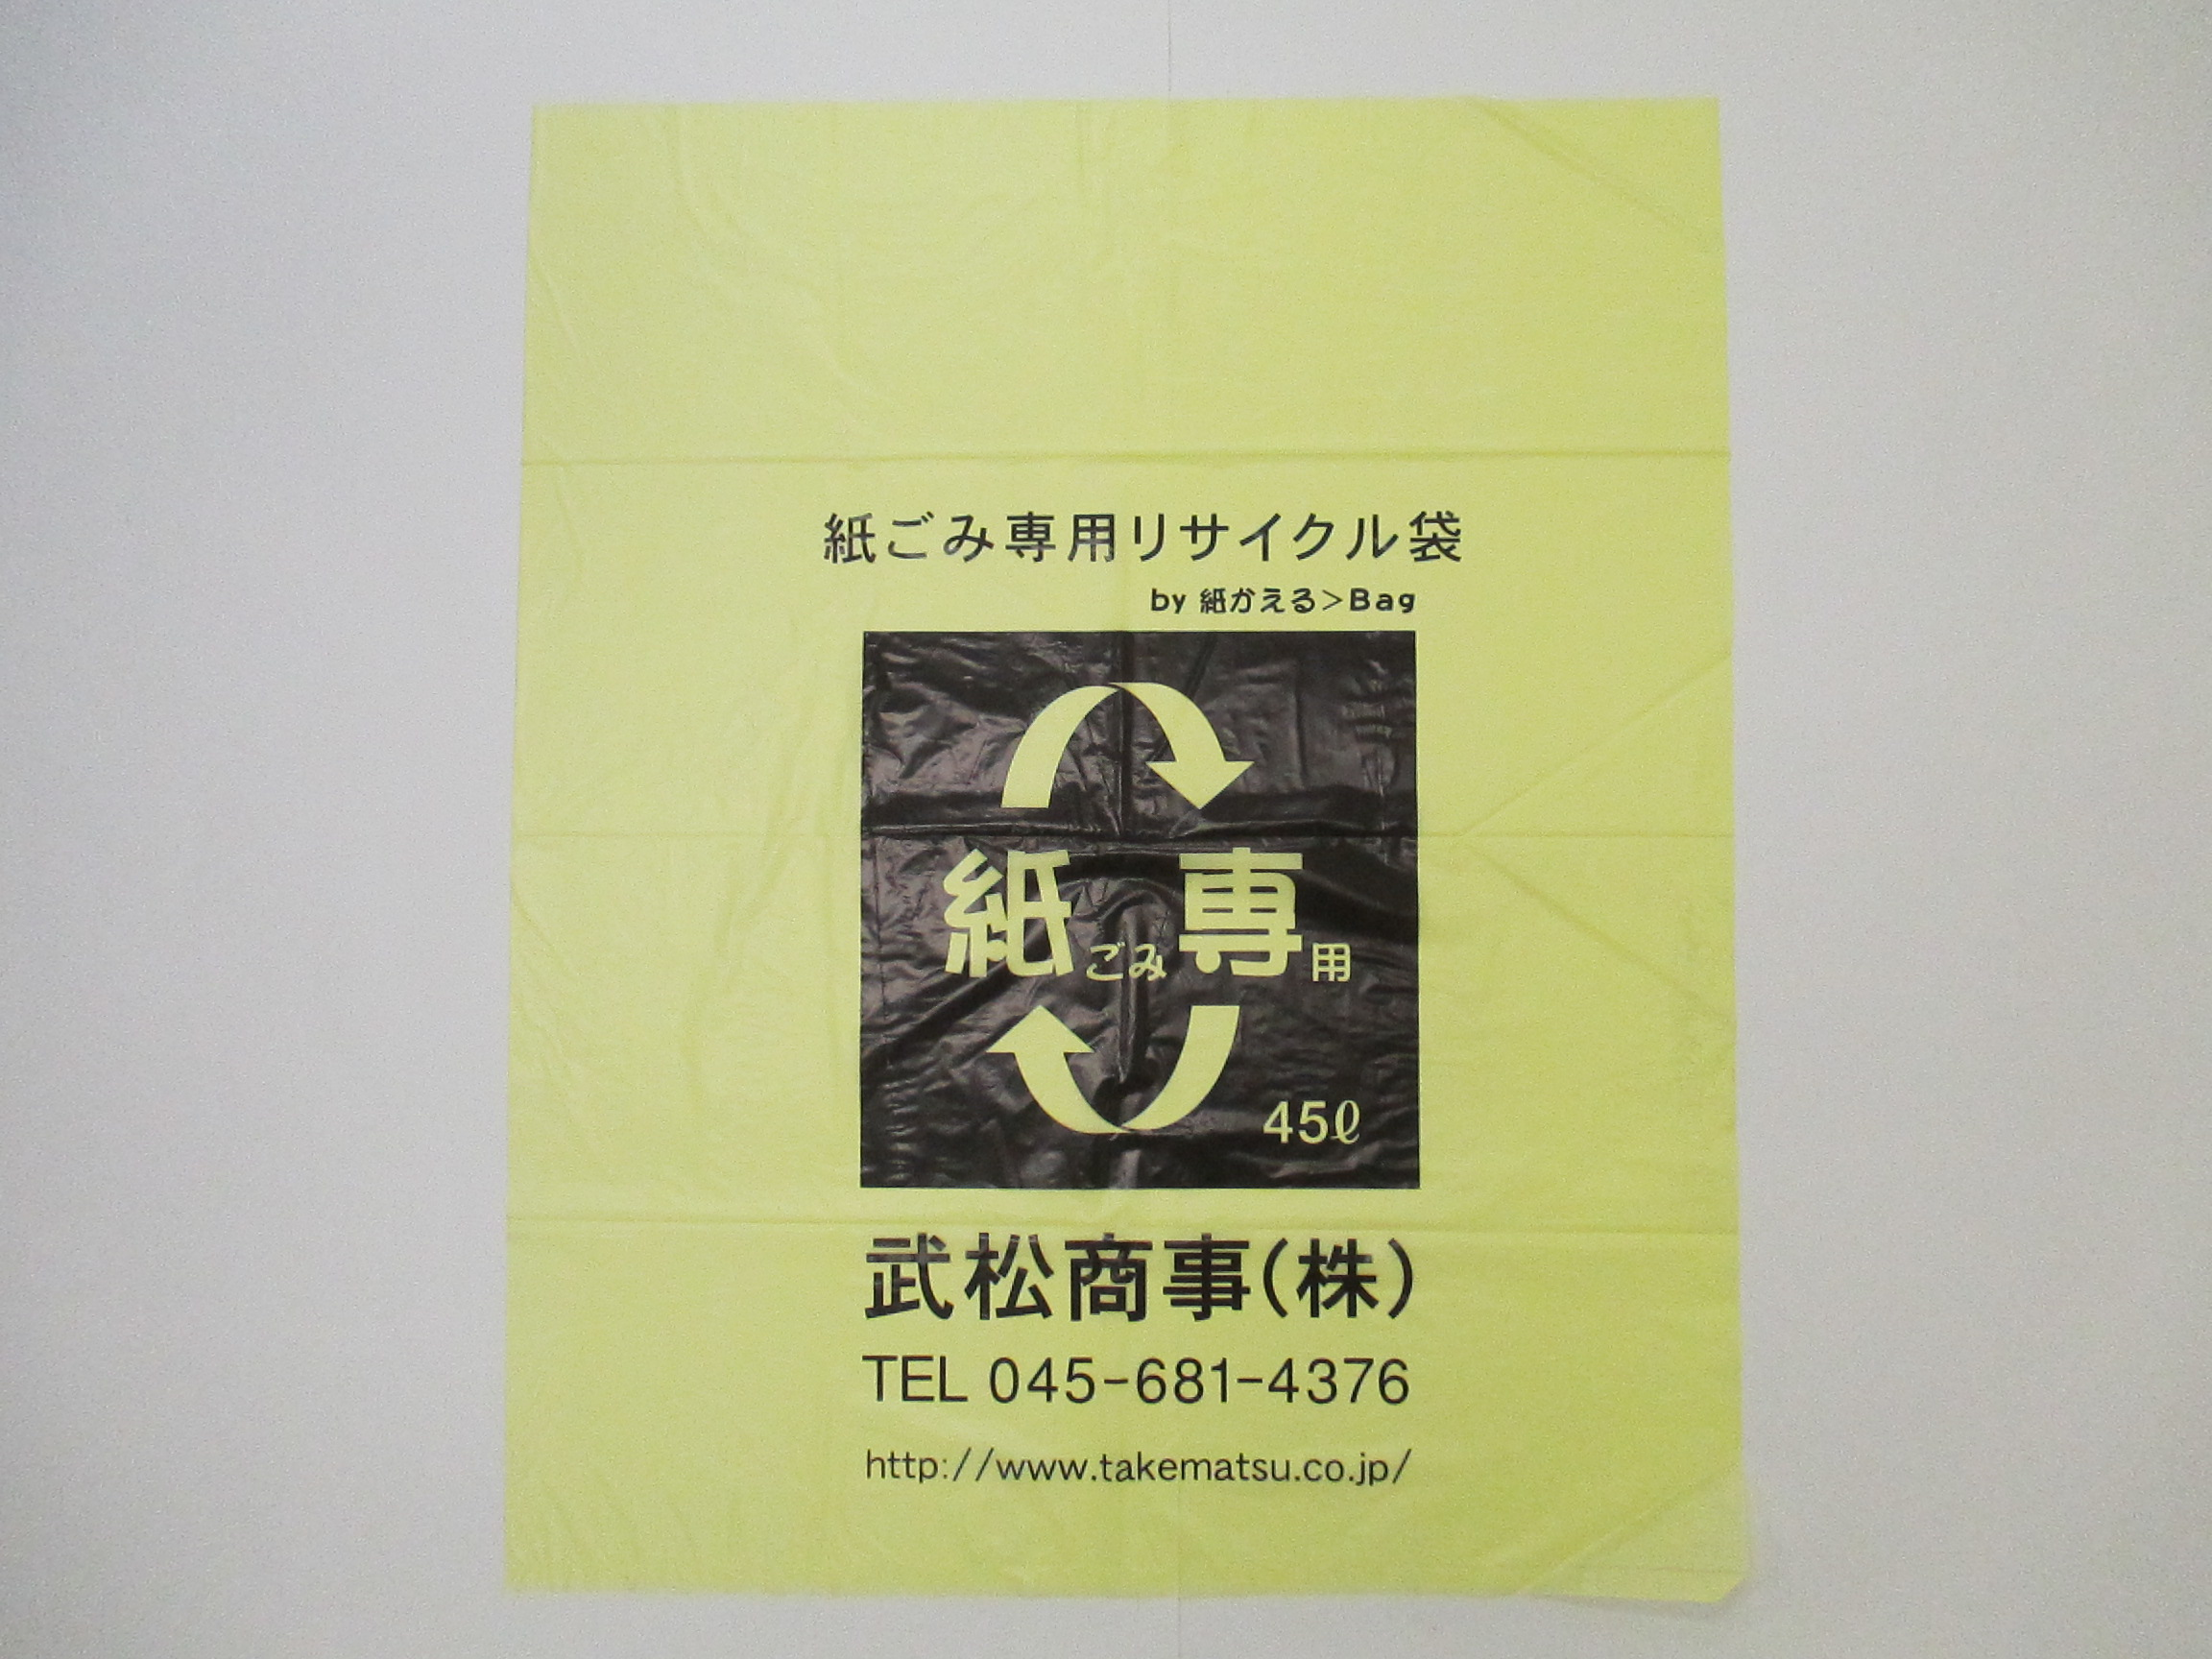 紙ごみ専用ごみ袋